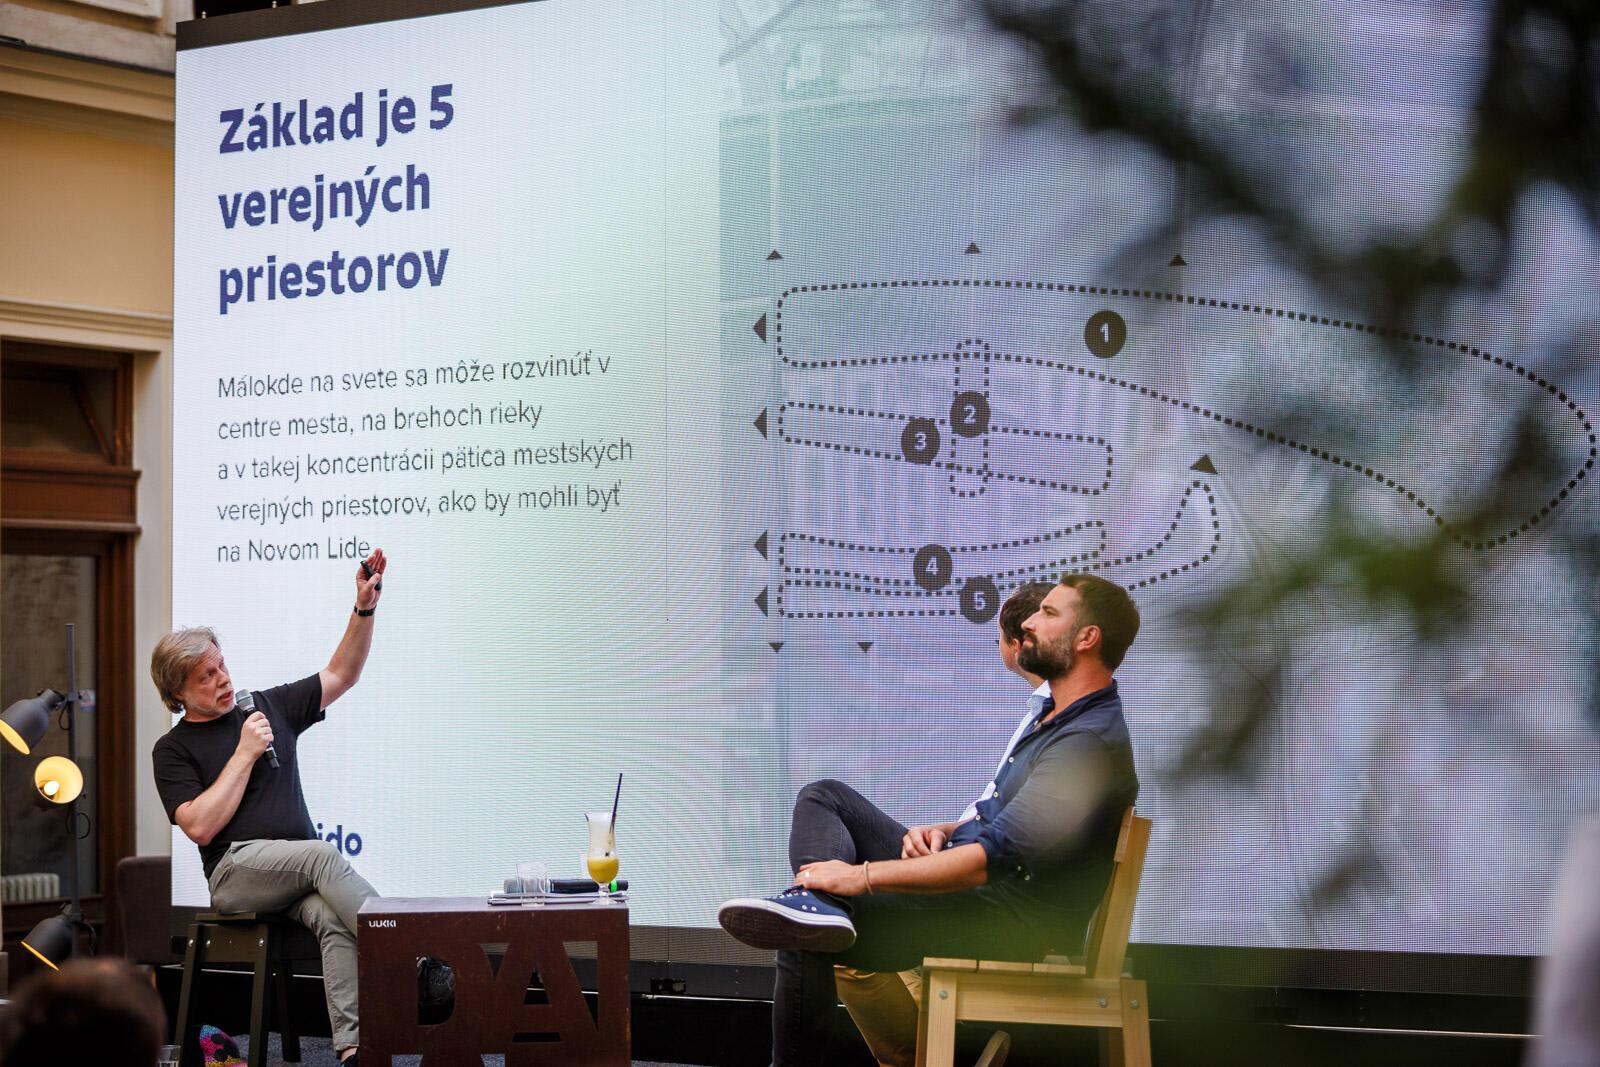 e4a326eab Jedným z projektov, ktoré sa snažia vytvoriť kvalitnú kultúru okolo týchto  tém a nastaviť vysokú latku v komunikácii developerov s verejnosťou je Nové  Lido, ...